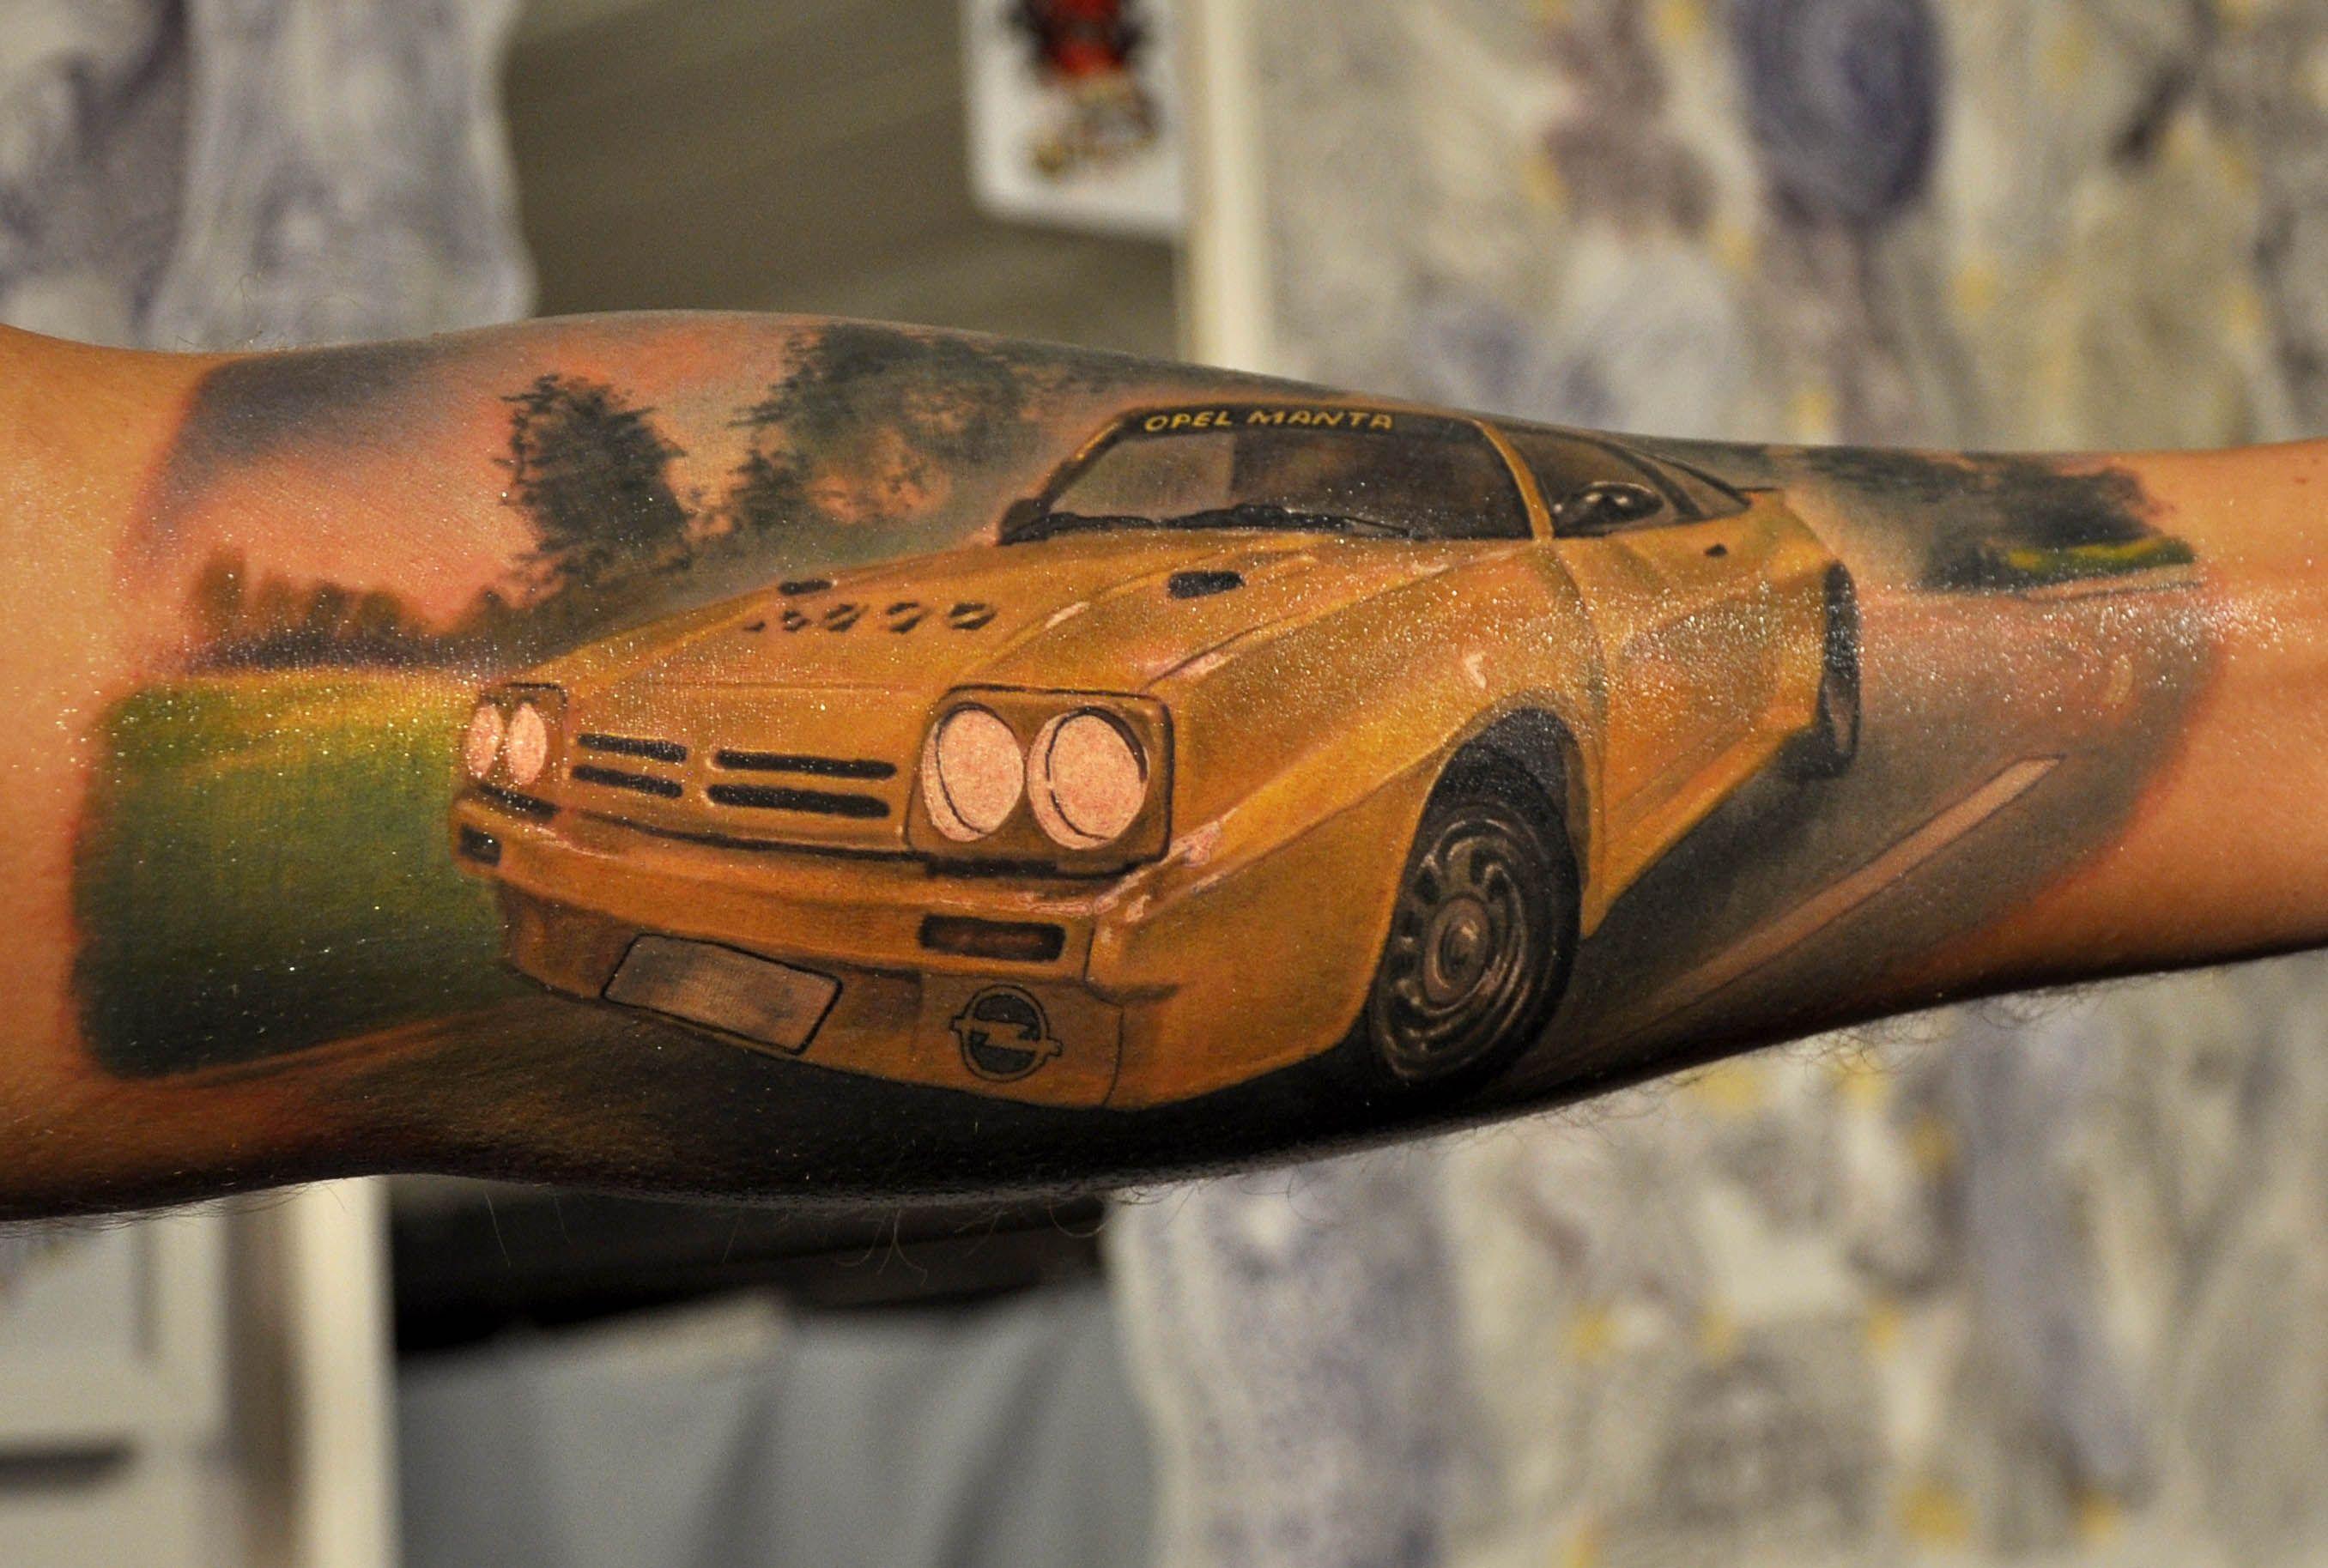 картинки татуировок с машинами весьма удачное